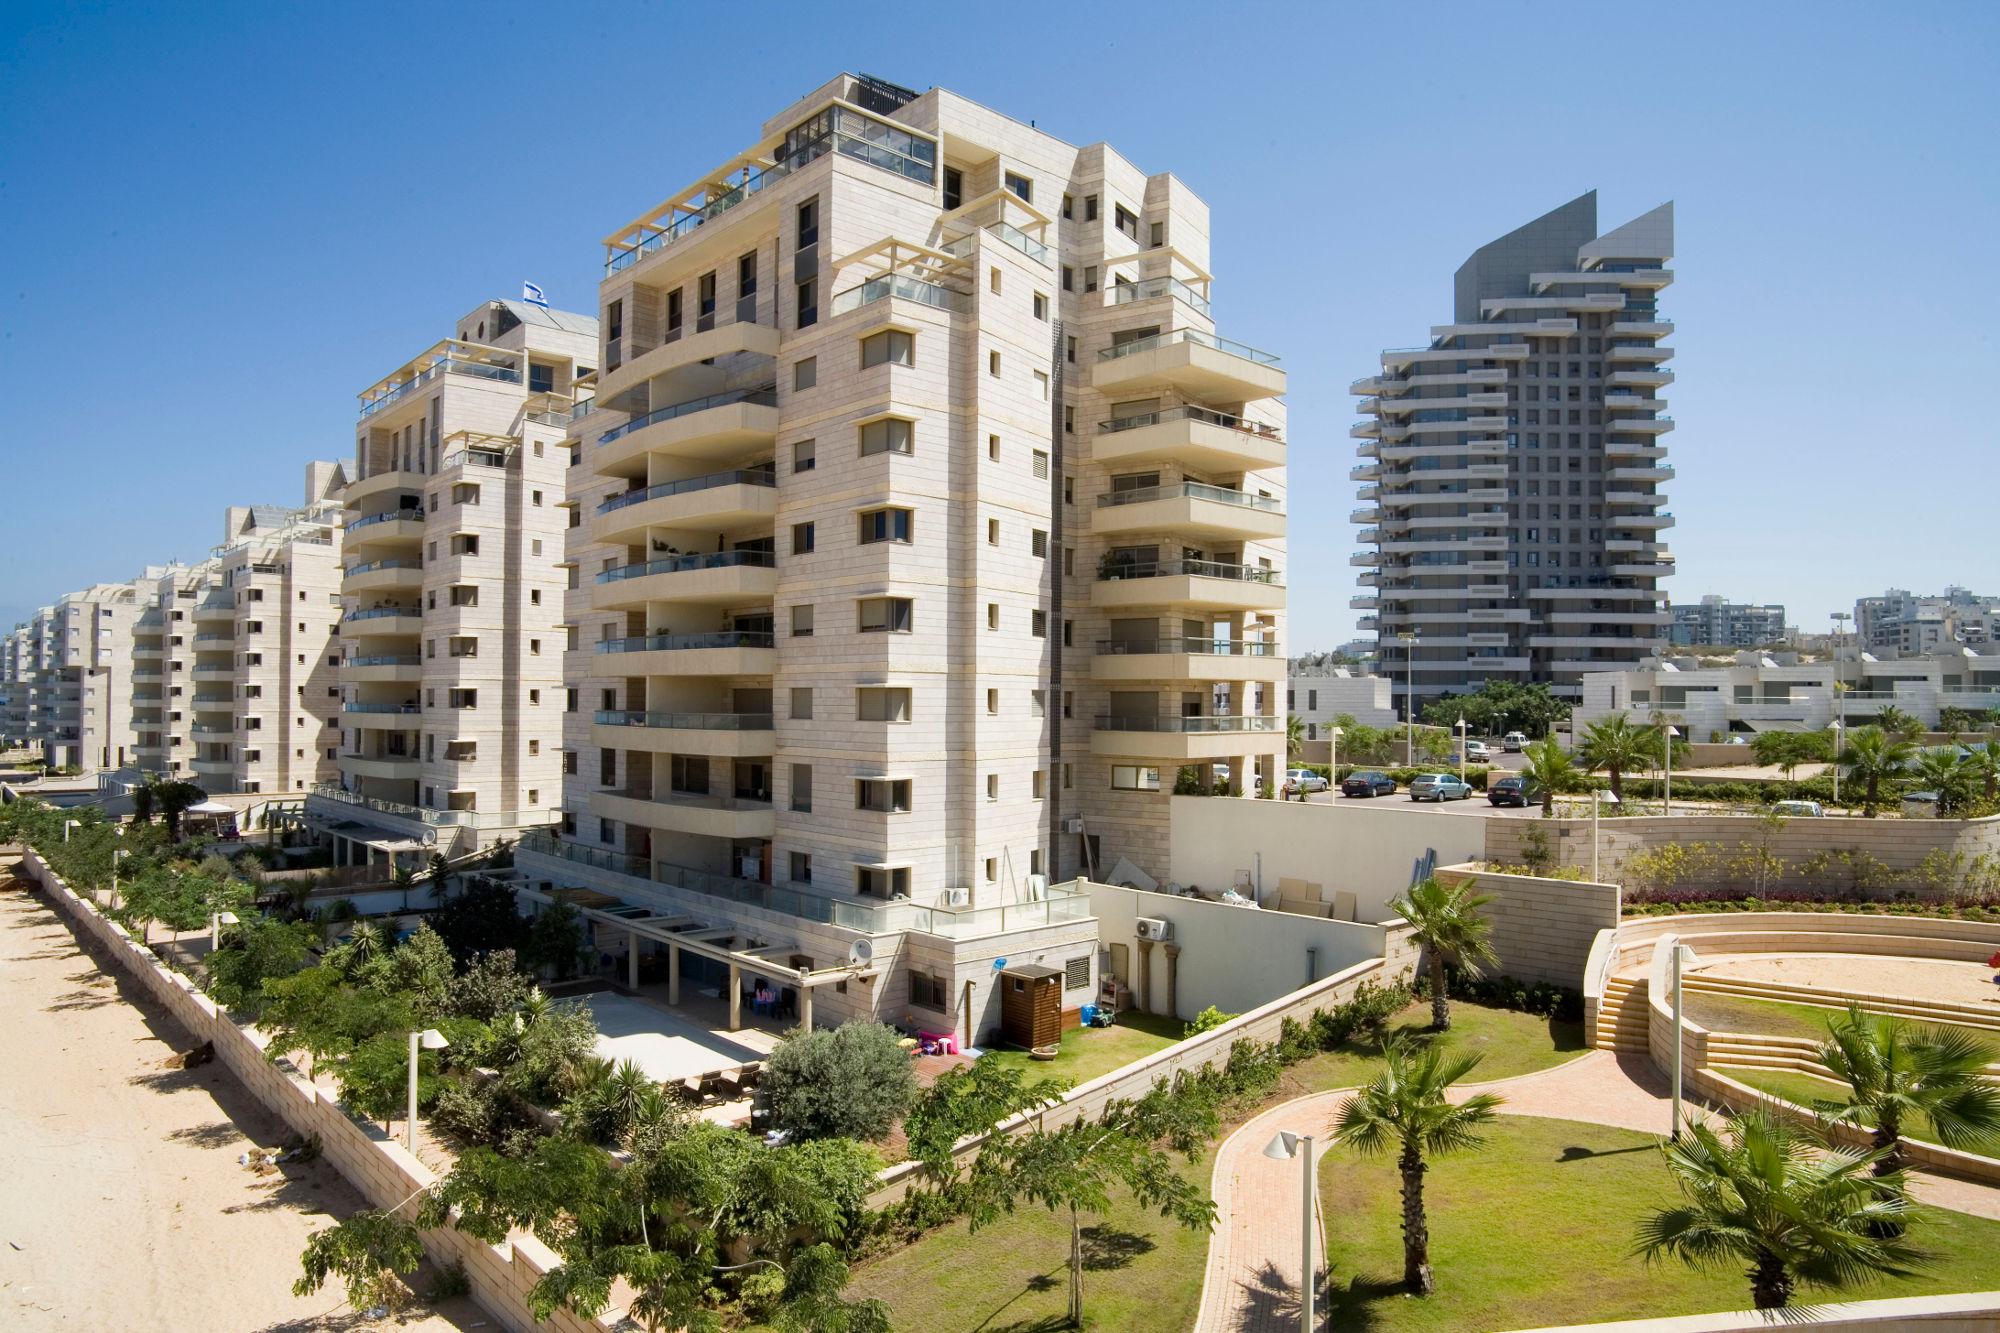 מרינה אשדוד | דירות חדשות מקבלן בשכונה חדשה